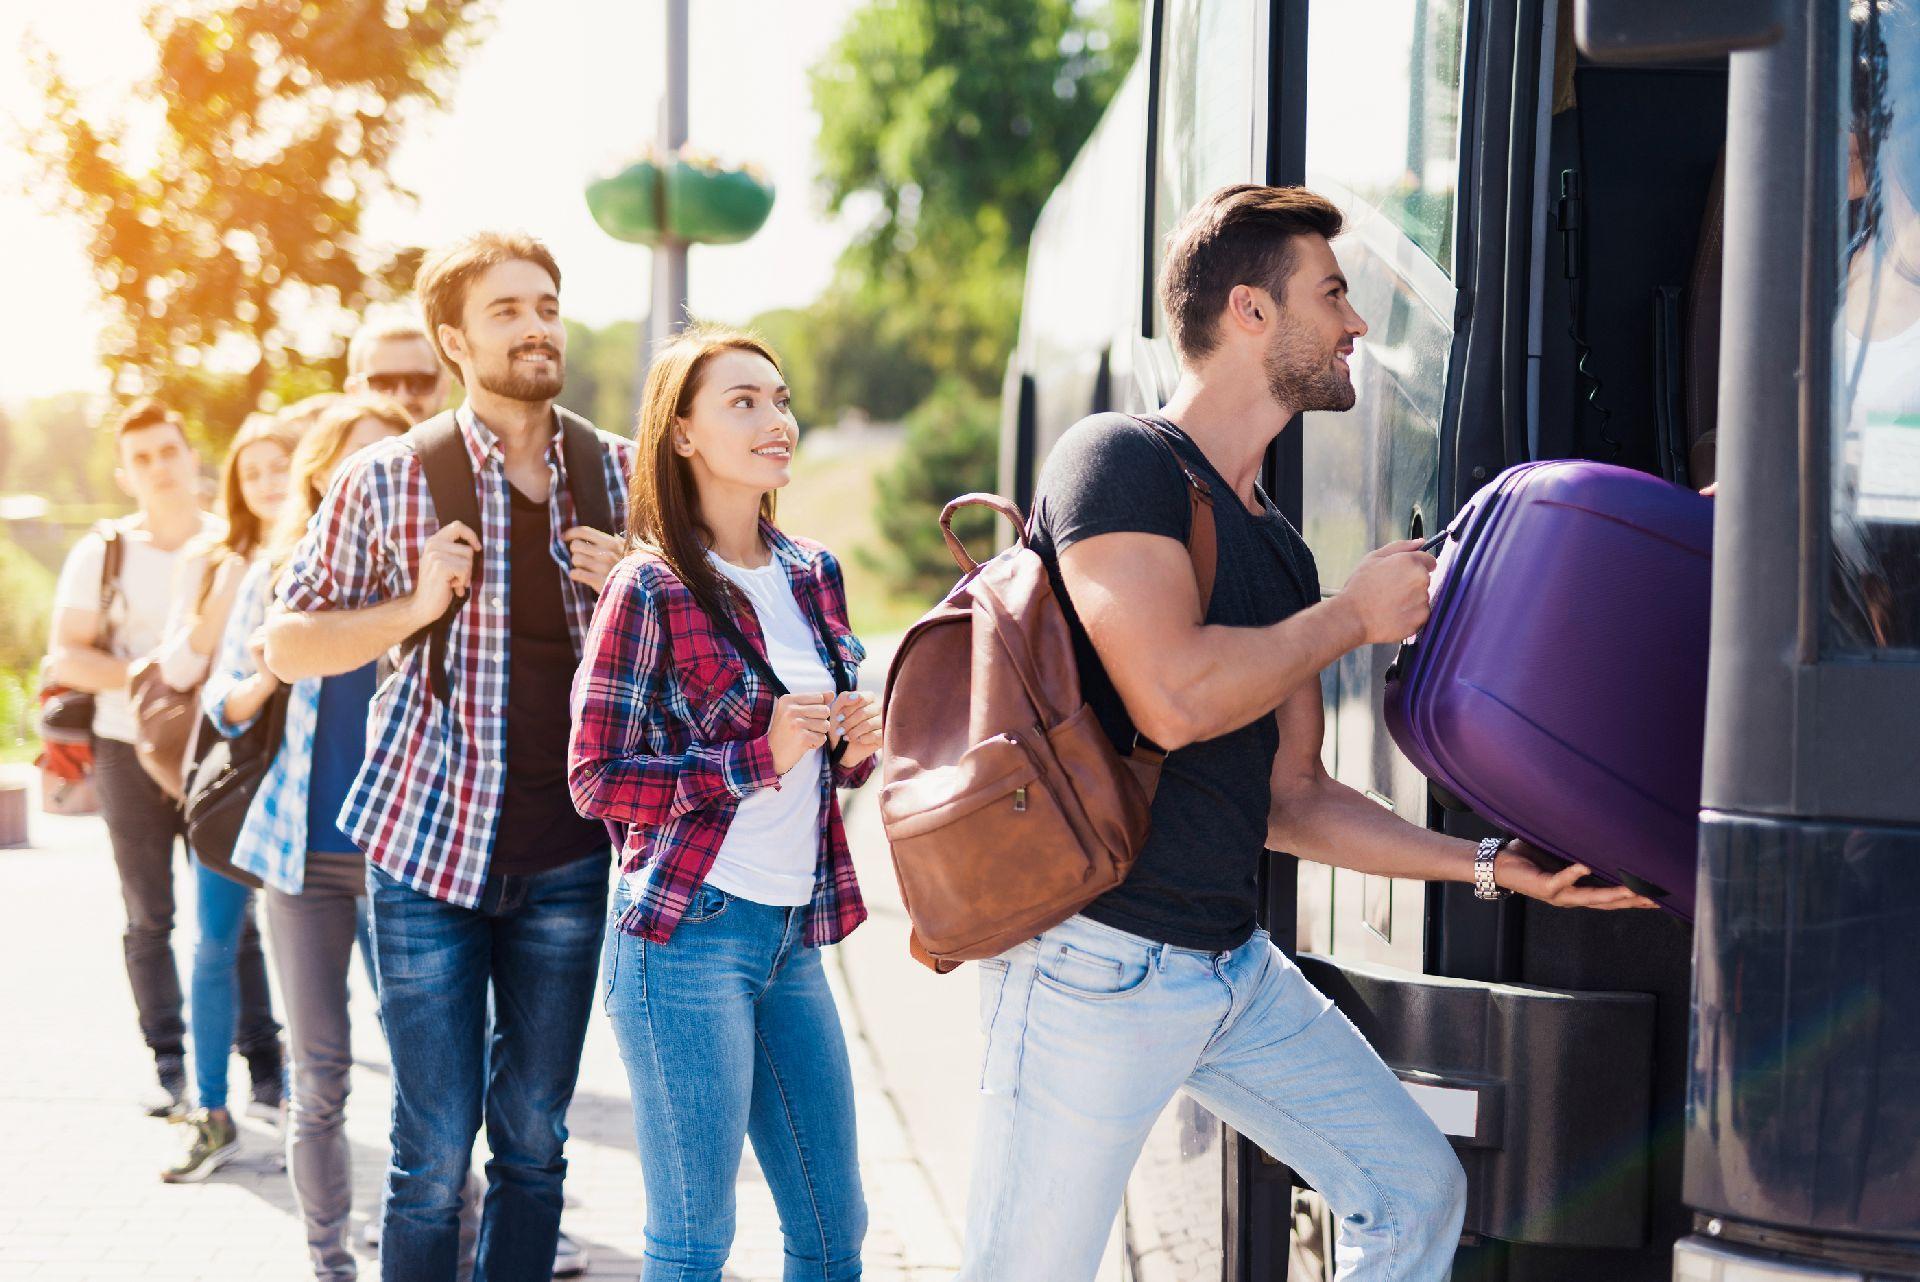 buszra szállás